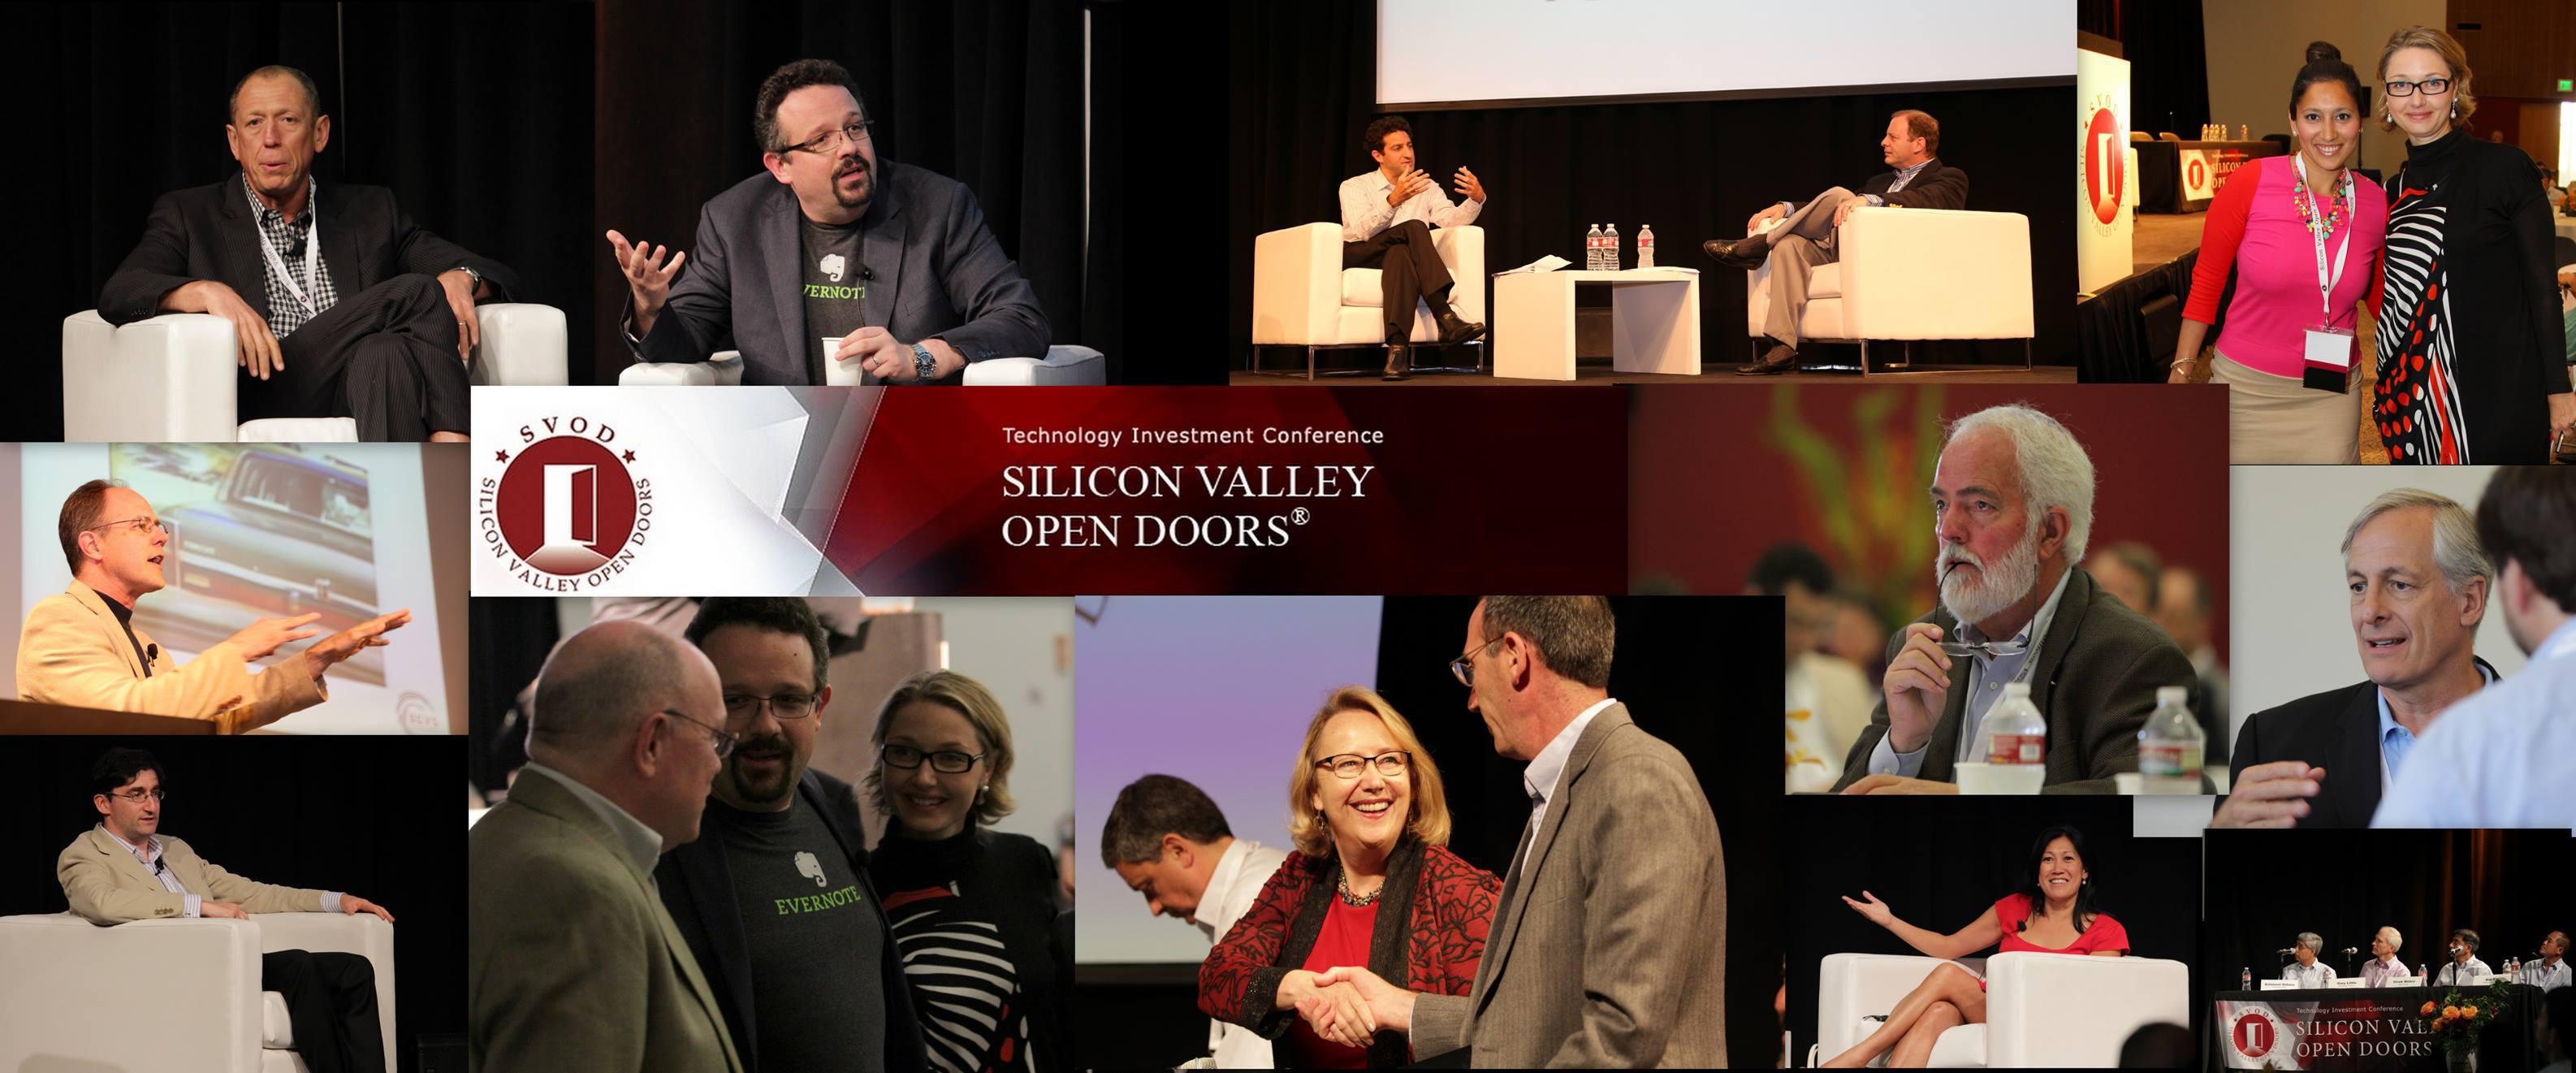 Что случается со стартапами после конференций в Кремниевой долине? Опыт стартапов с конференции SVOD